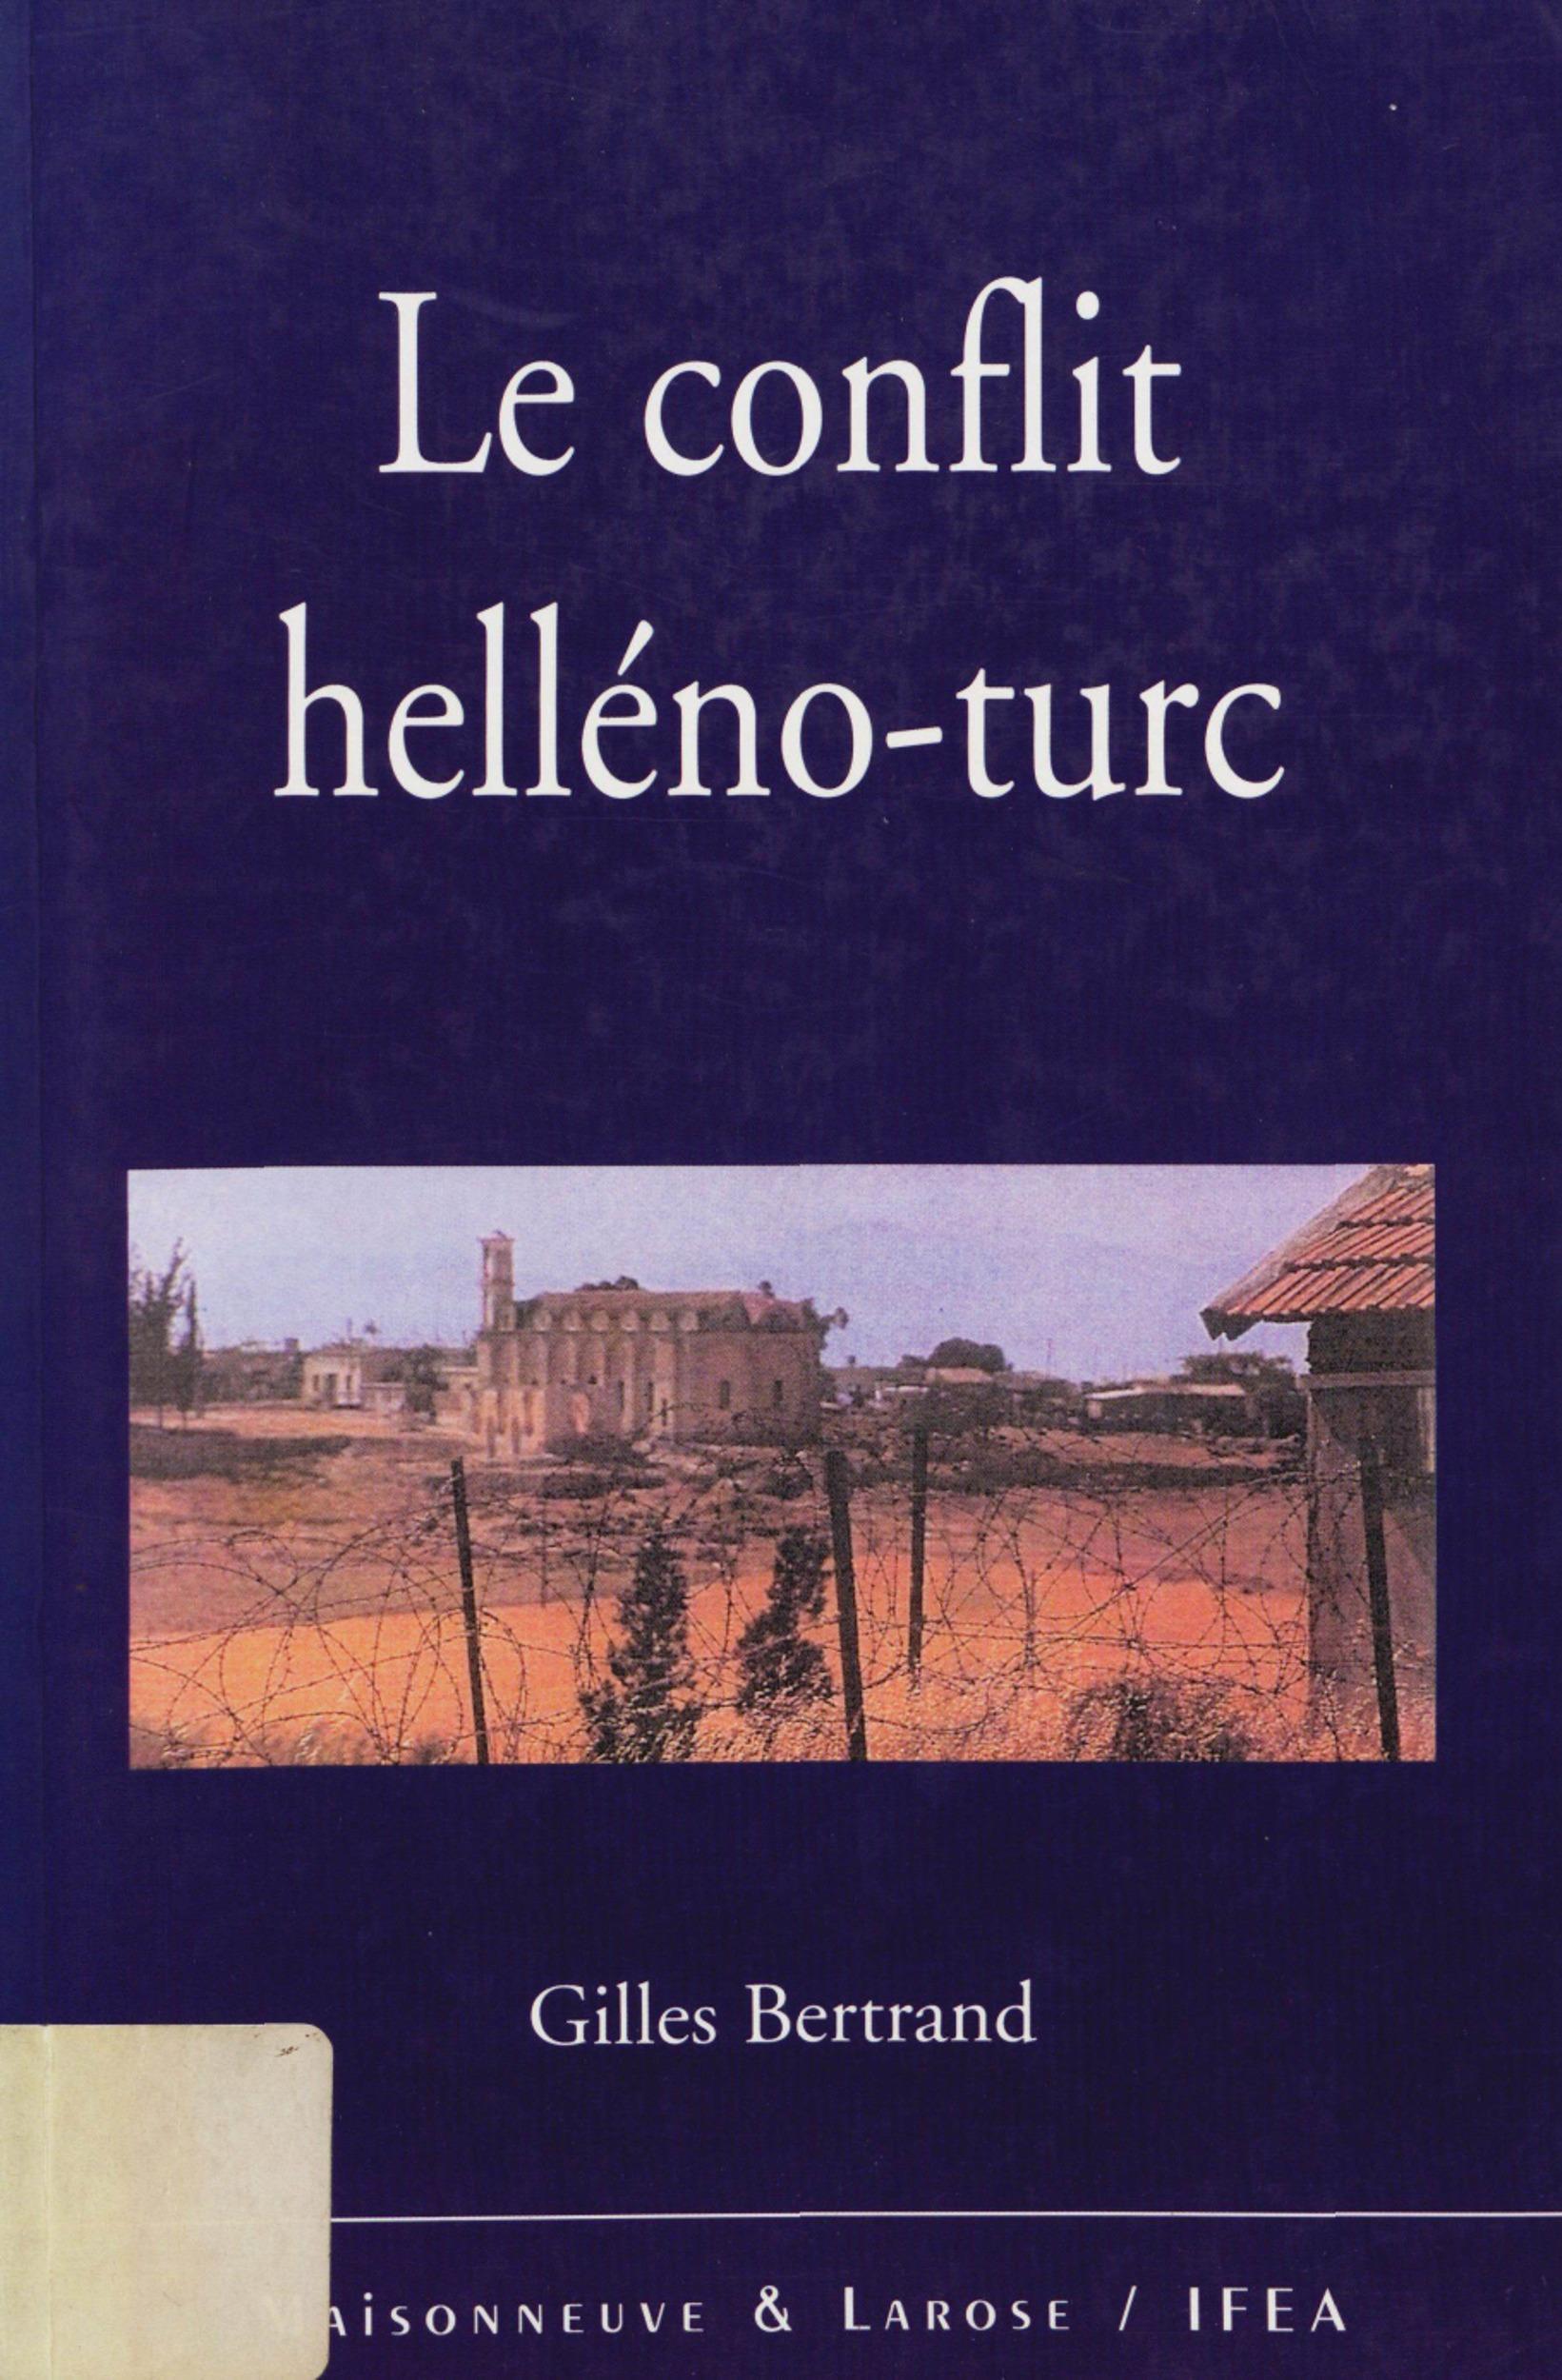 Le conflit helleno-turc